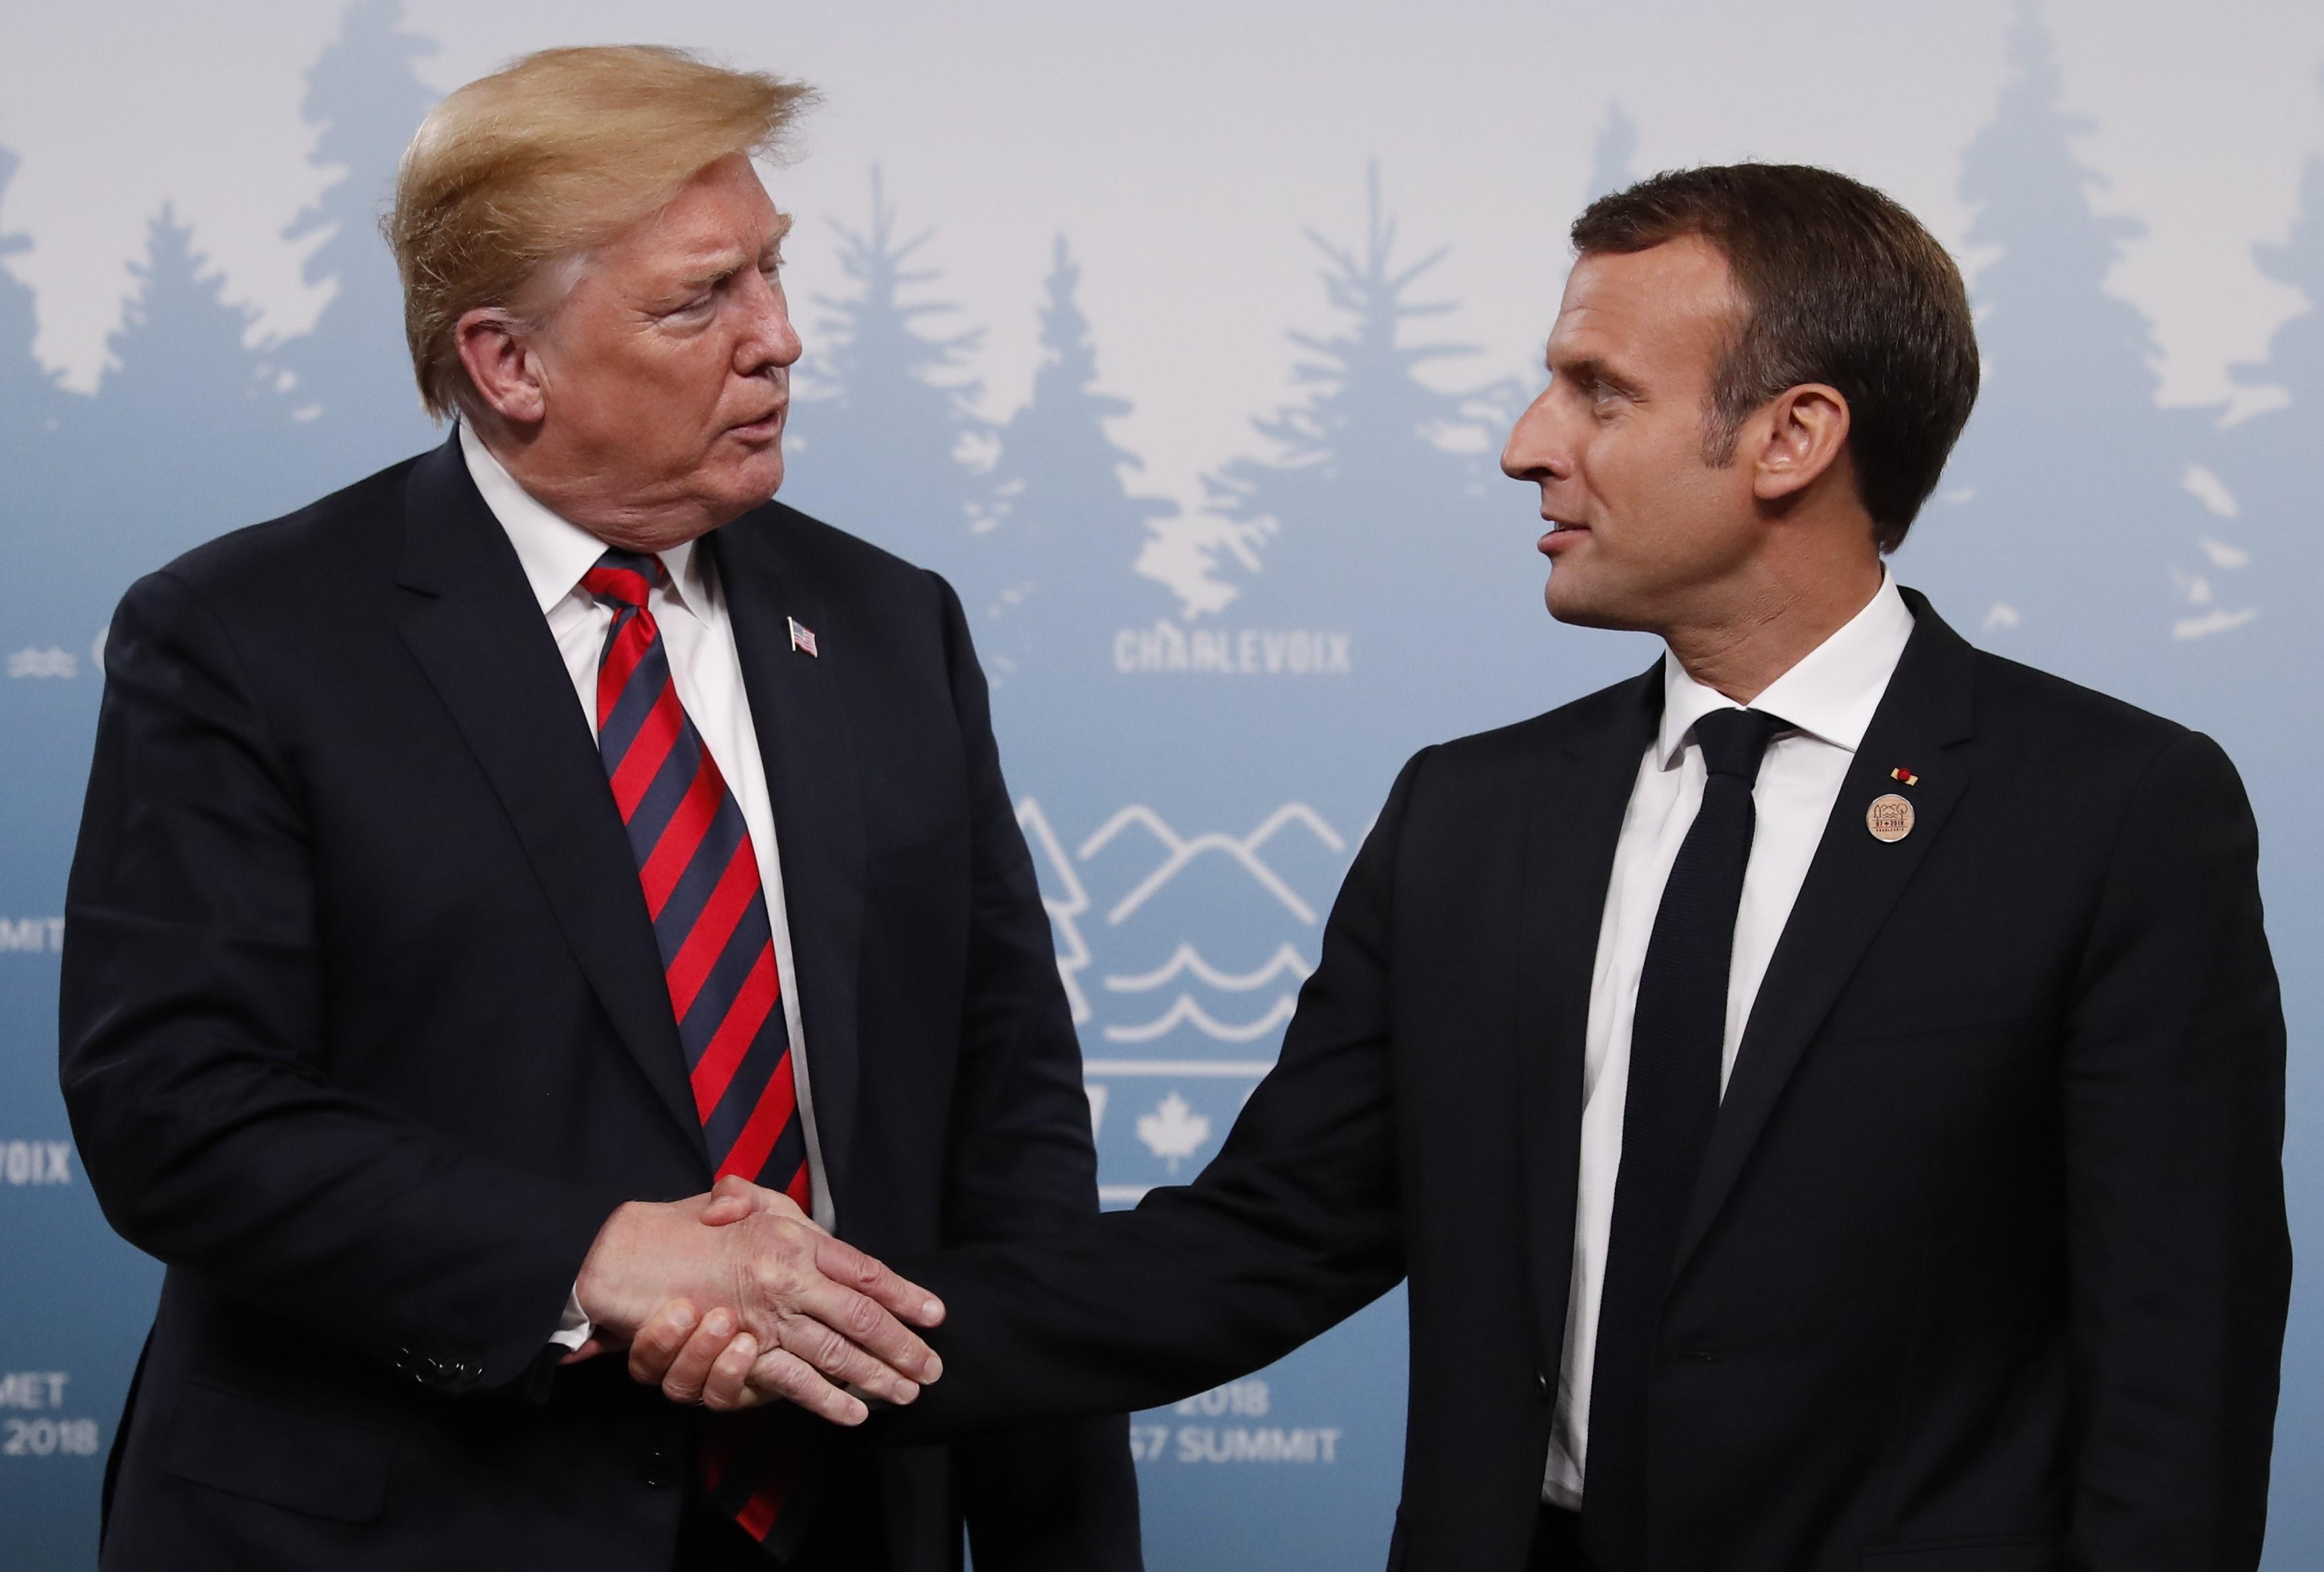 握手较劲 特朗普的手被捏出指印